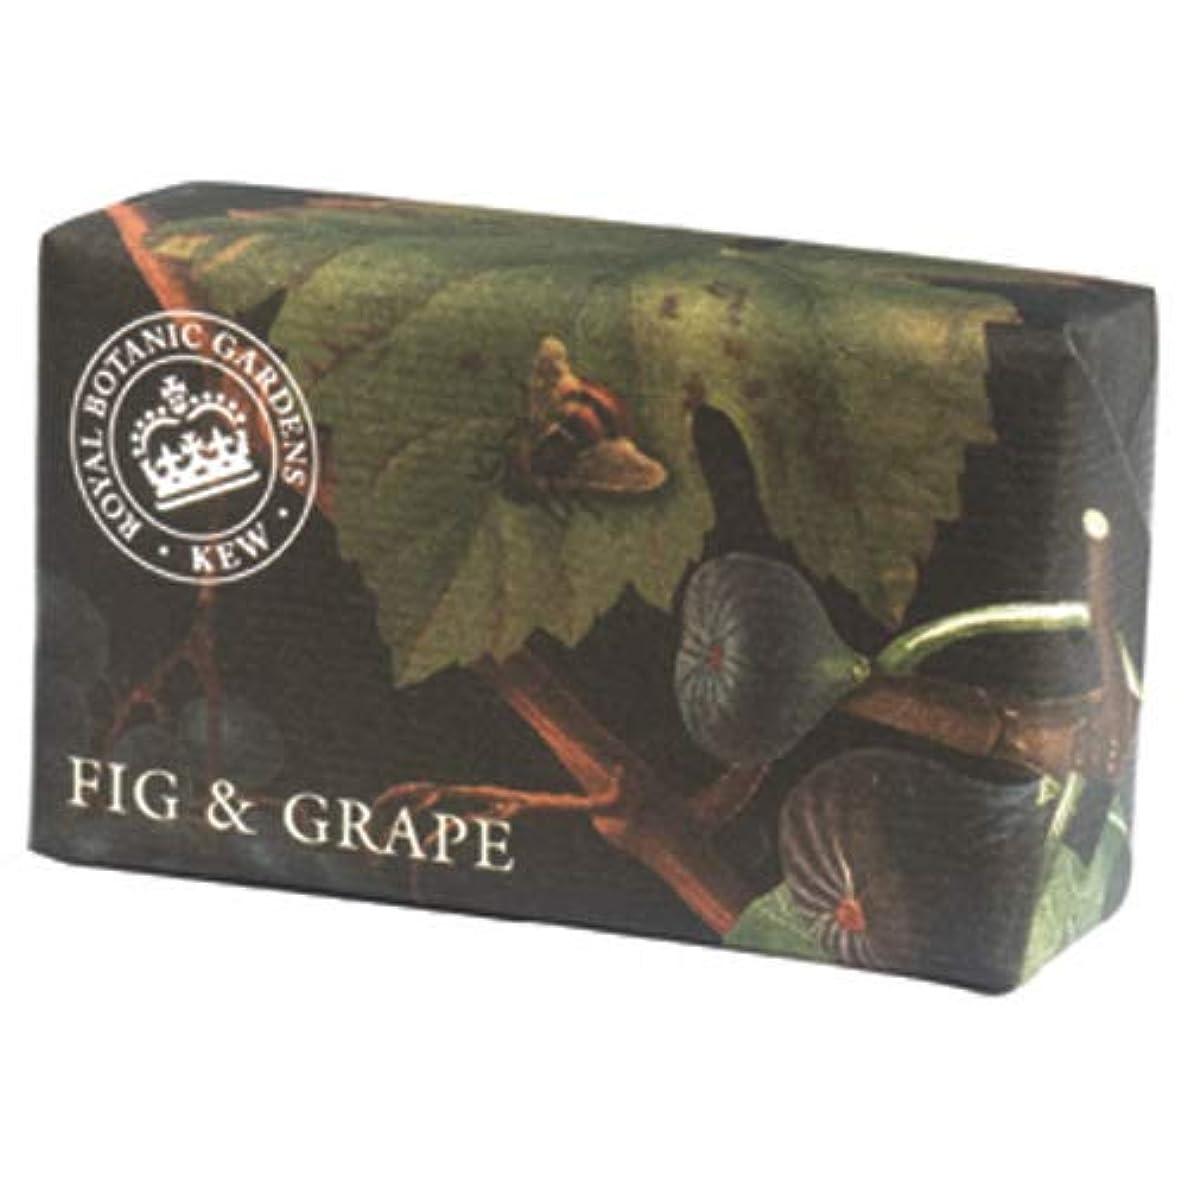 女将宙返りまたはどちらか三和トレーディング English Soap Company イングリッシュソープカンパニー KEW GARDEN キュー?ガーデン Luxury Shea Soaps シアソープ Fig & Grape フィグ&グレープ